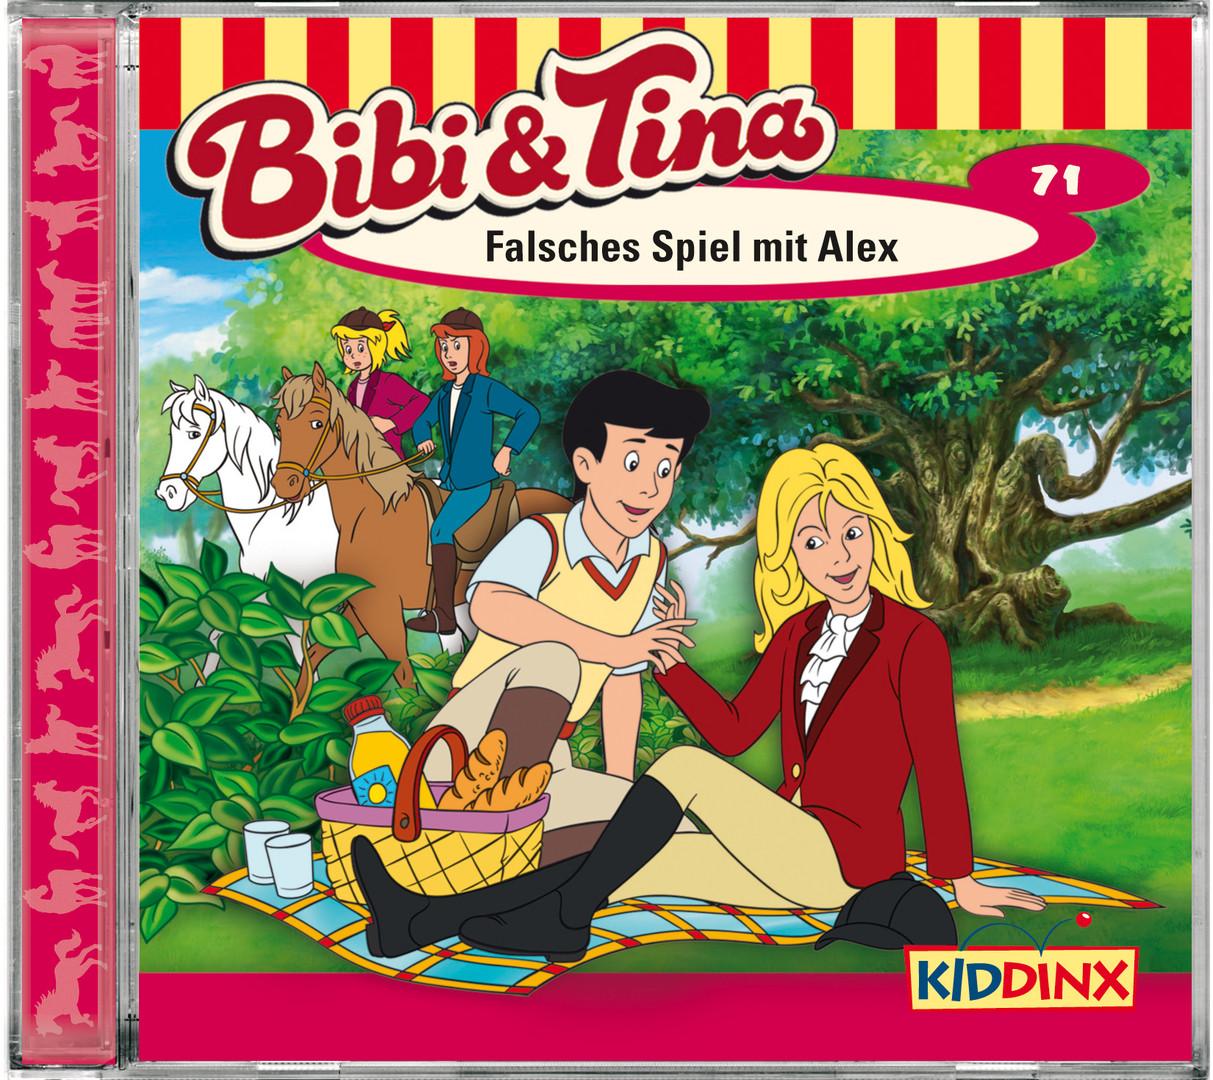 Bibi und Tina - 71 - Falsches Spiel mit Alex